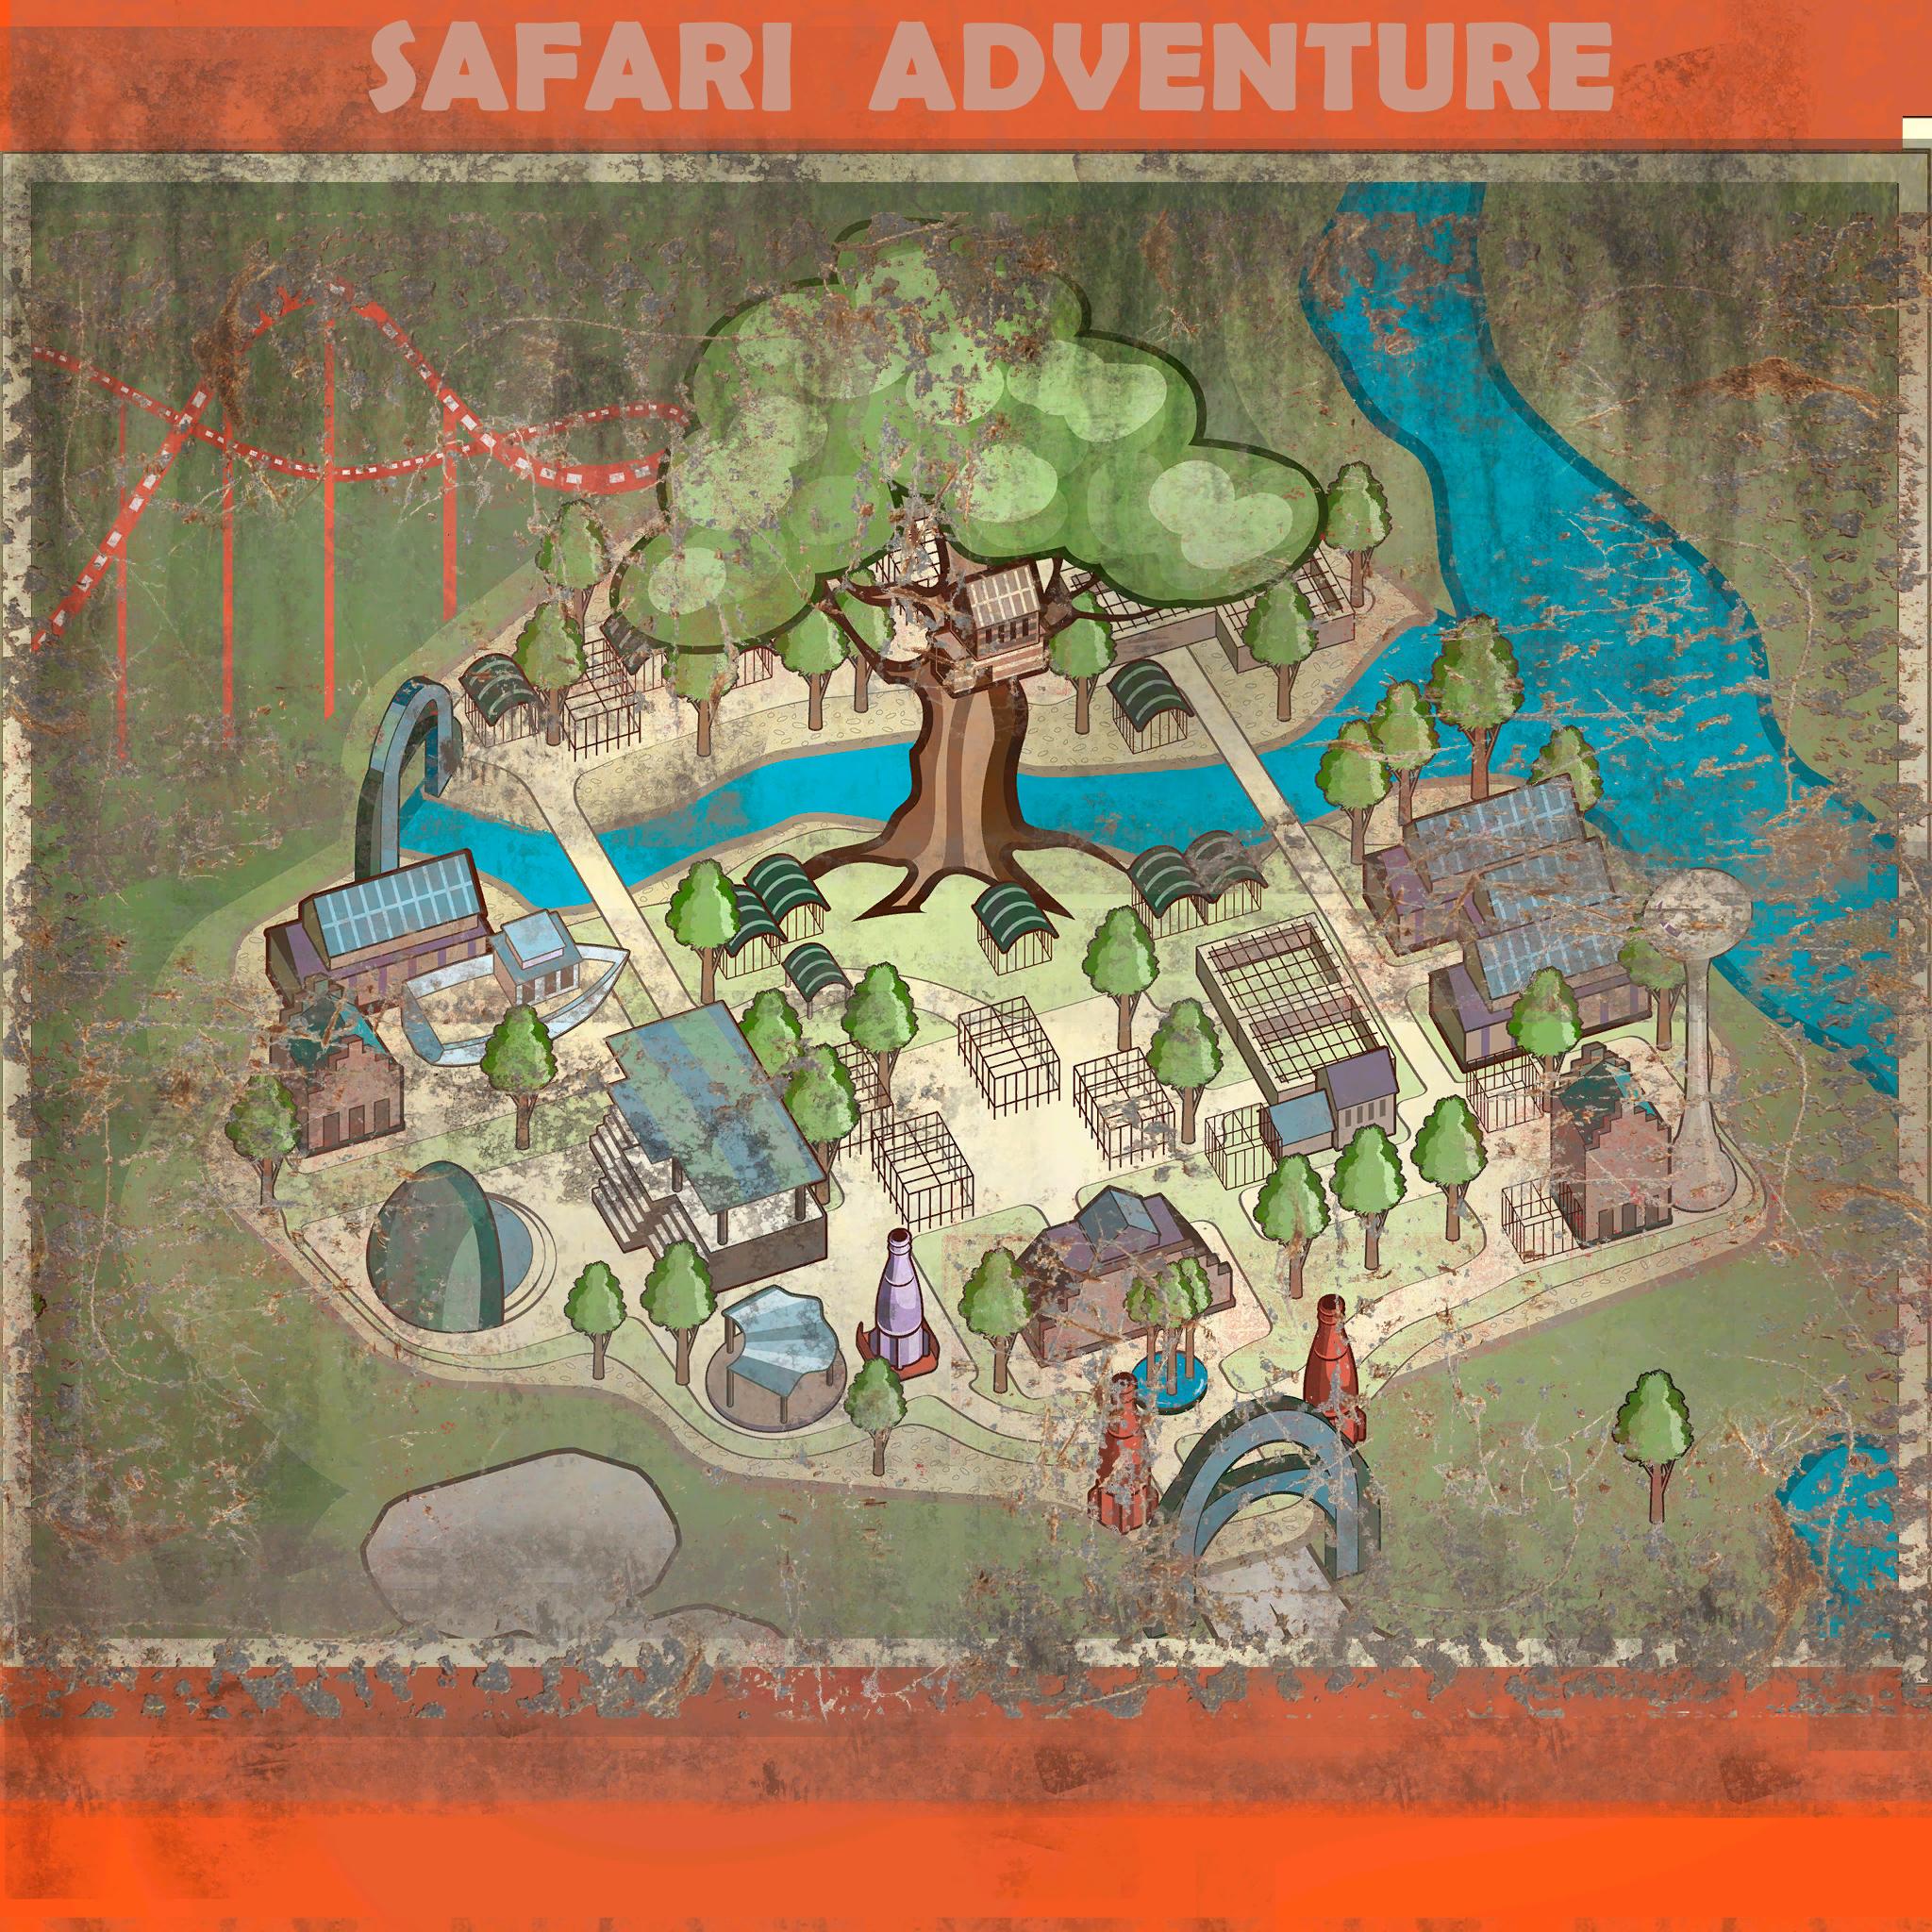 ref id Safari Adventure Fallout Wiki